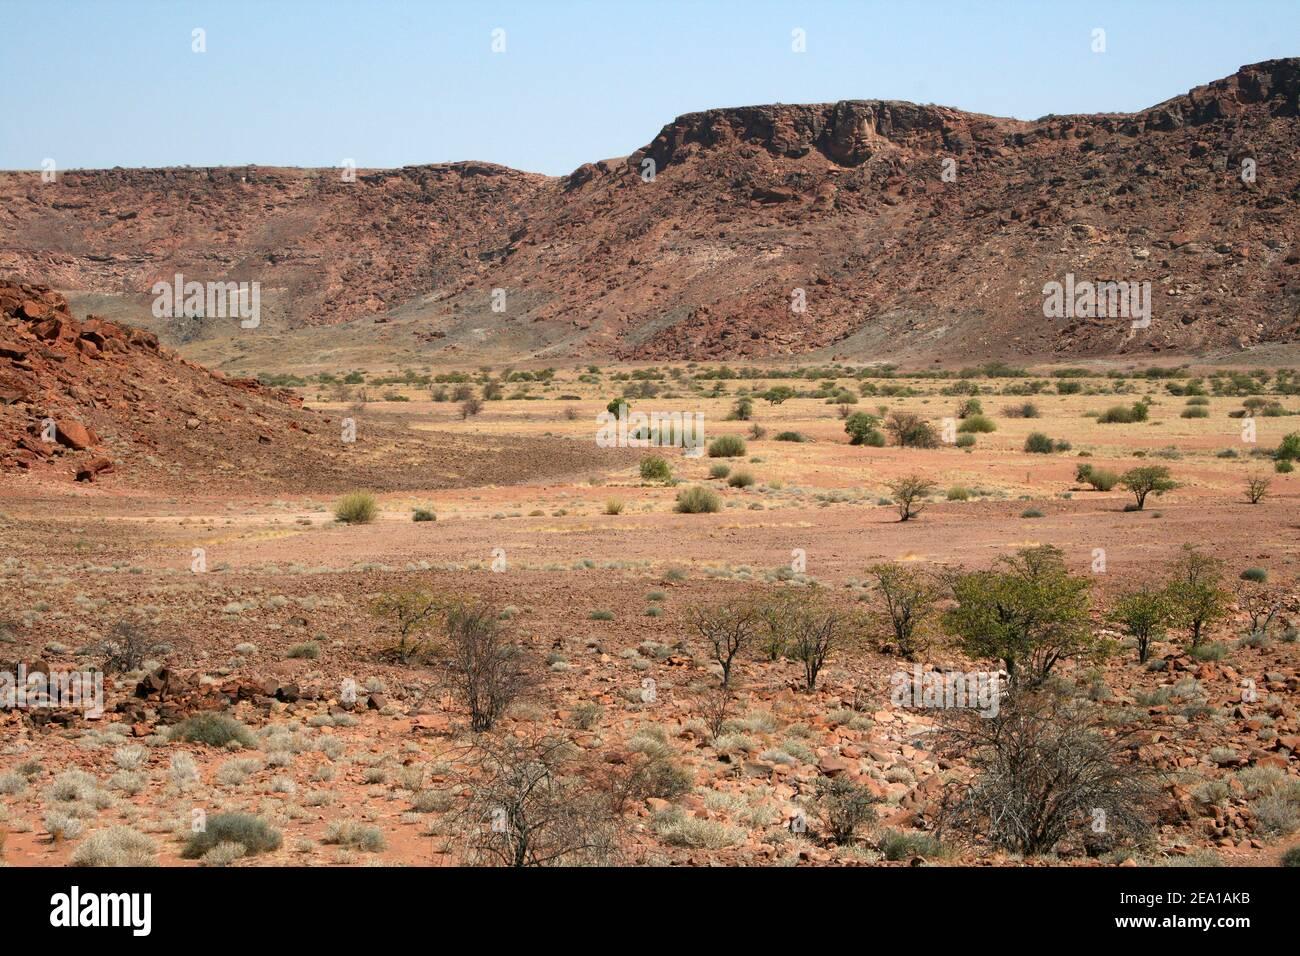 Vallée de la rivière Huab, Twyfelfontein, région de Kunene, Namiba Banque D'Images